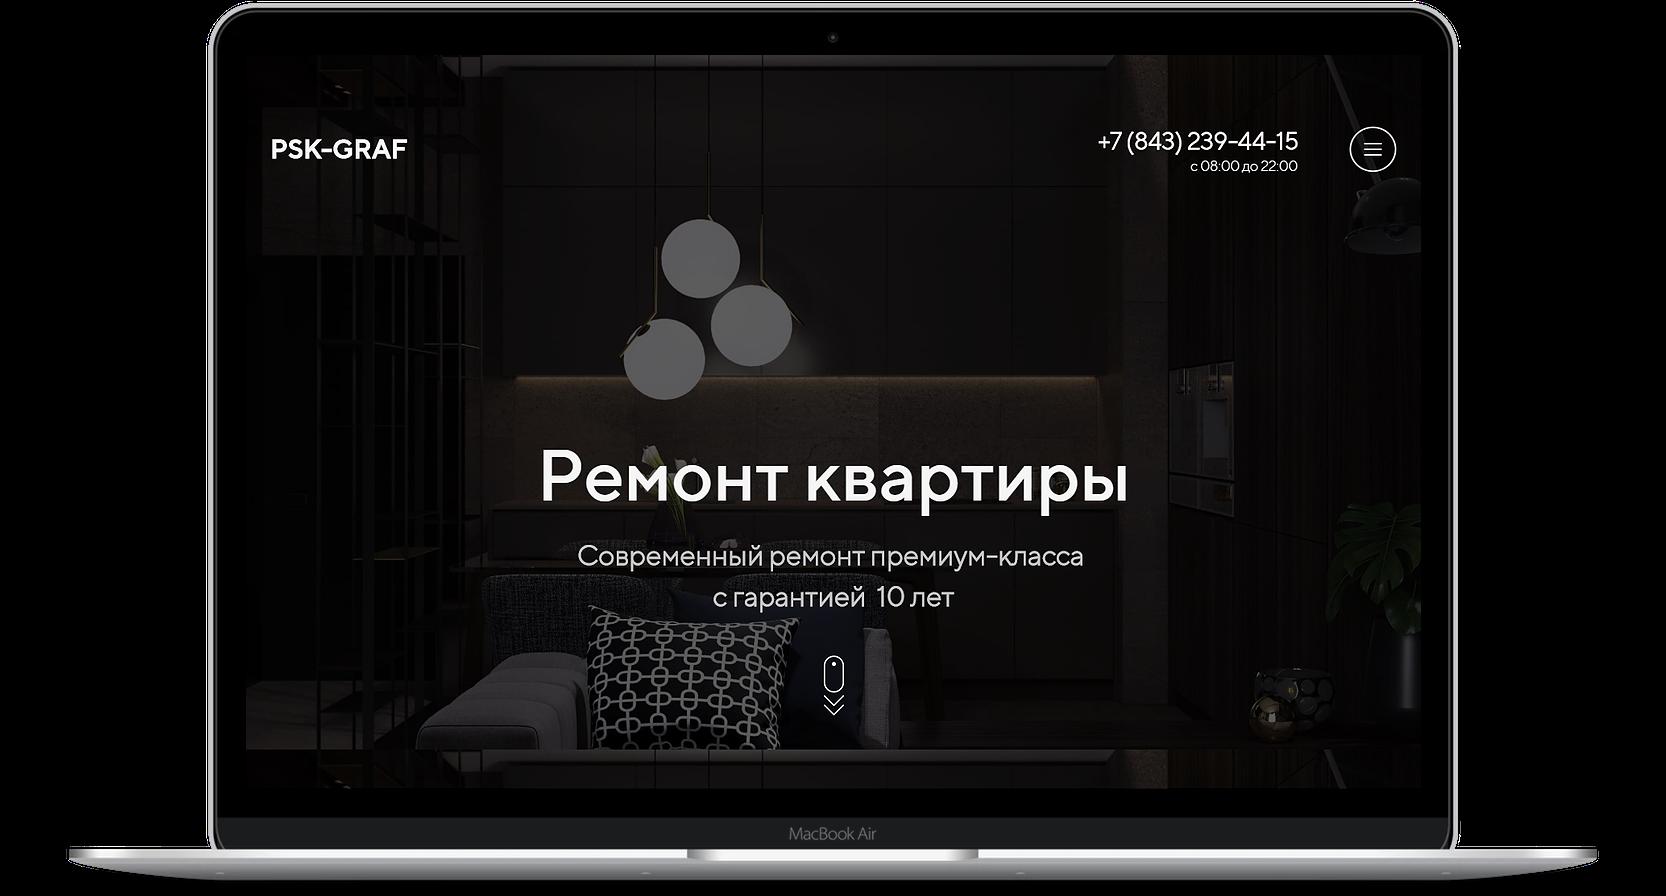 Сайт по ремонт квартир и домов премиум